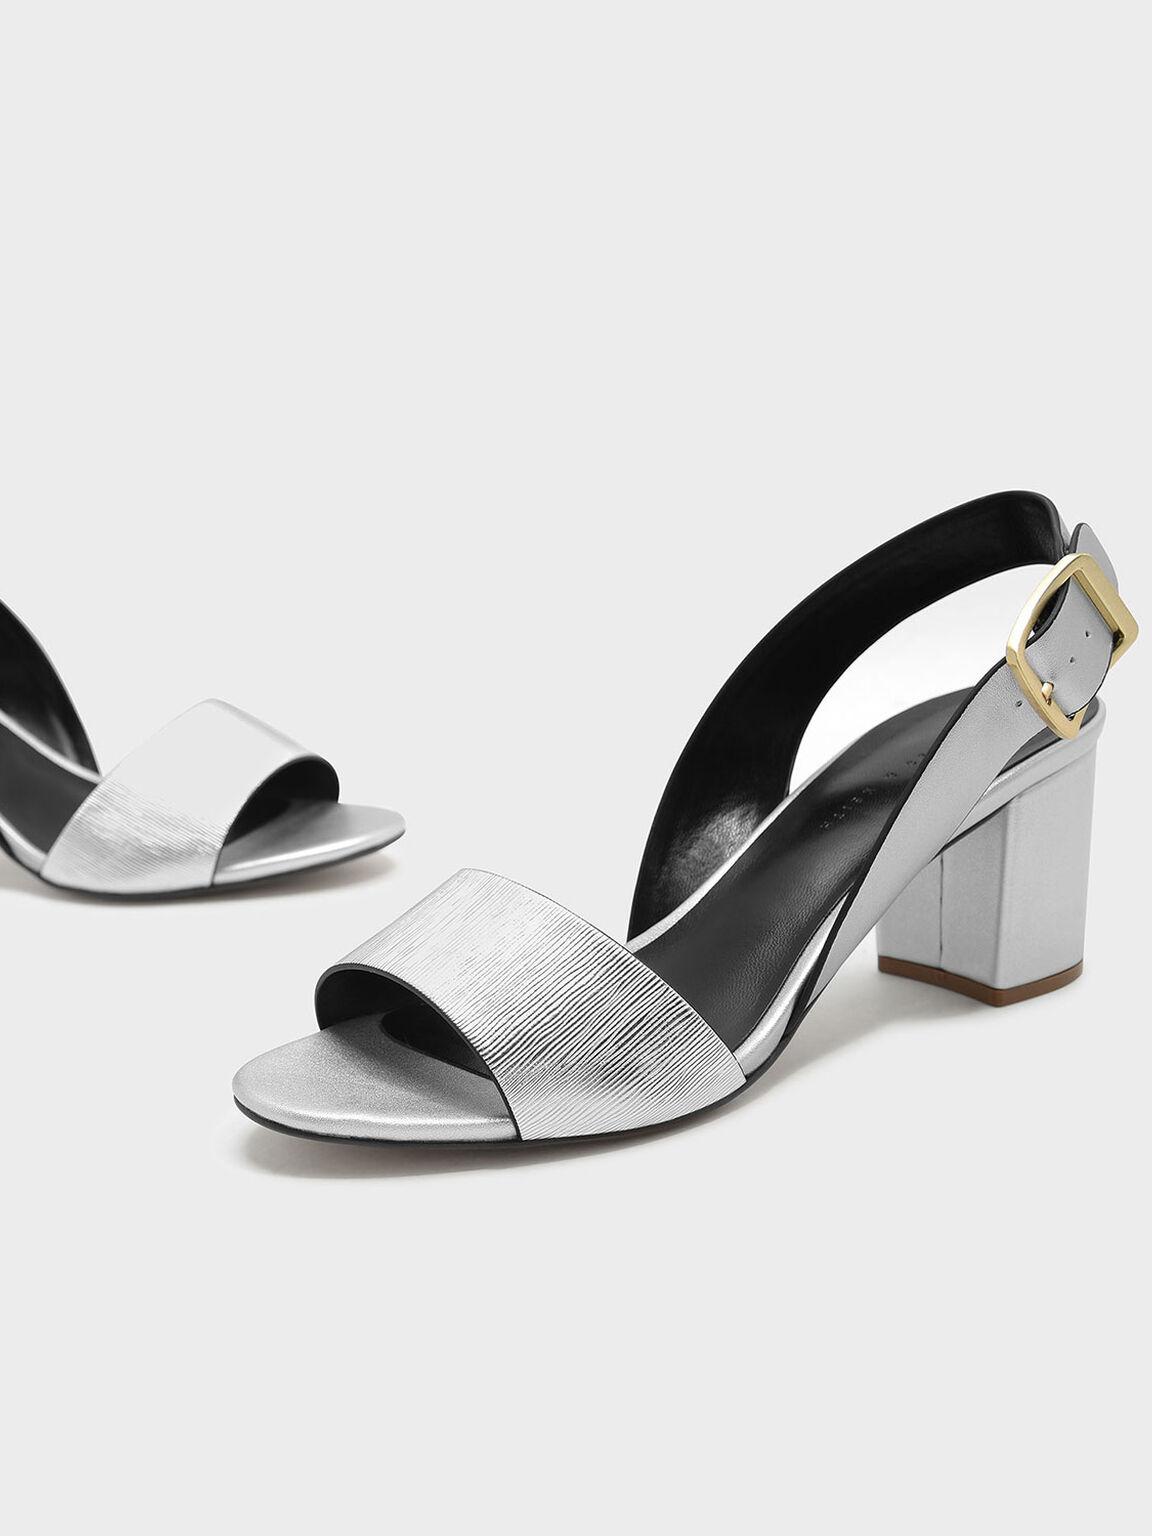 Sling Back Heels, Silver, hi-res